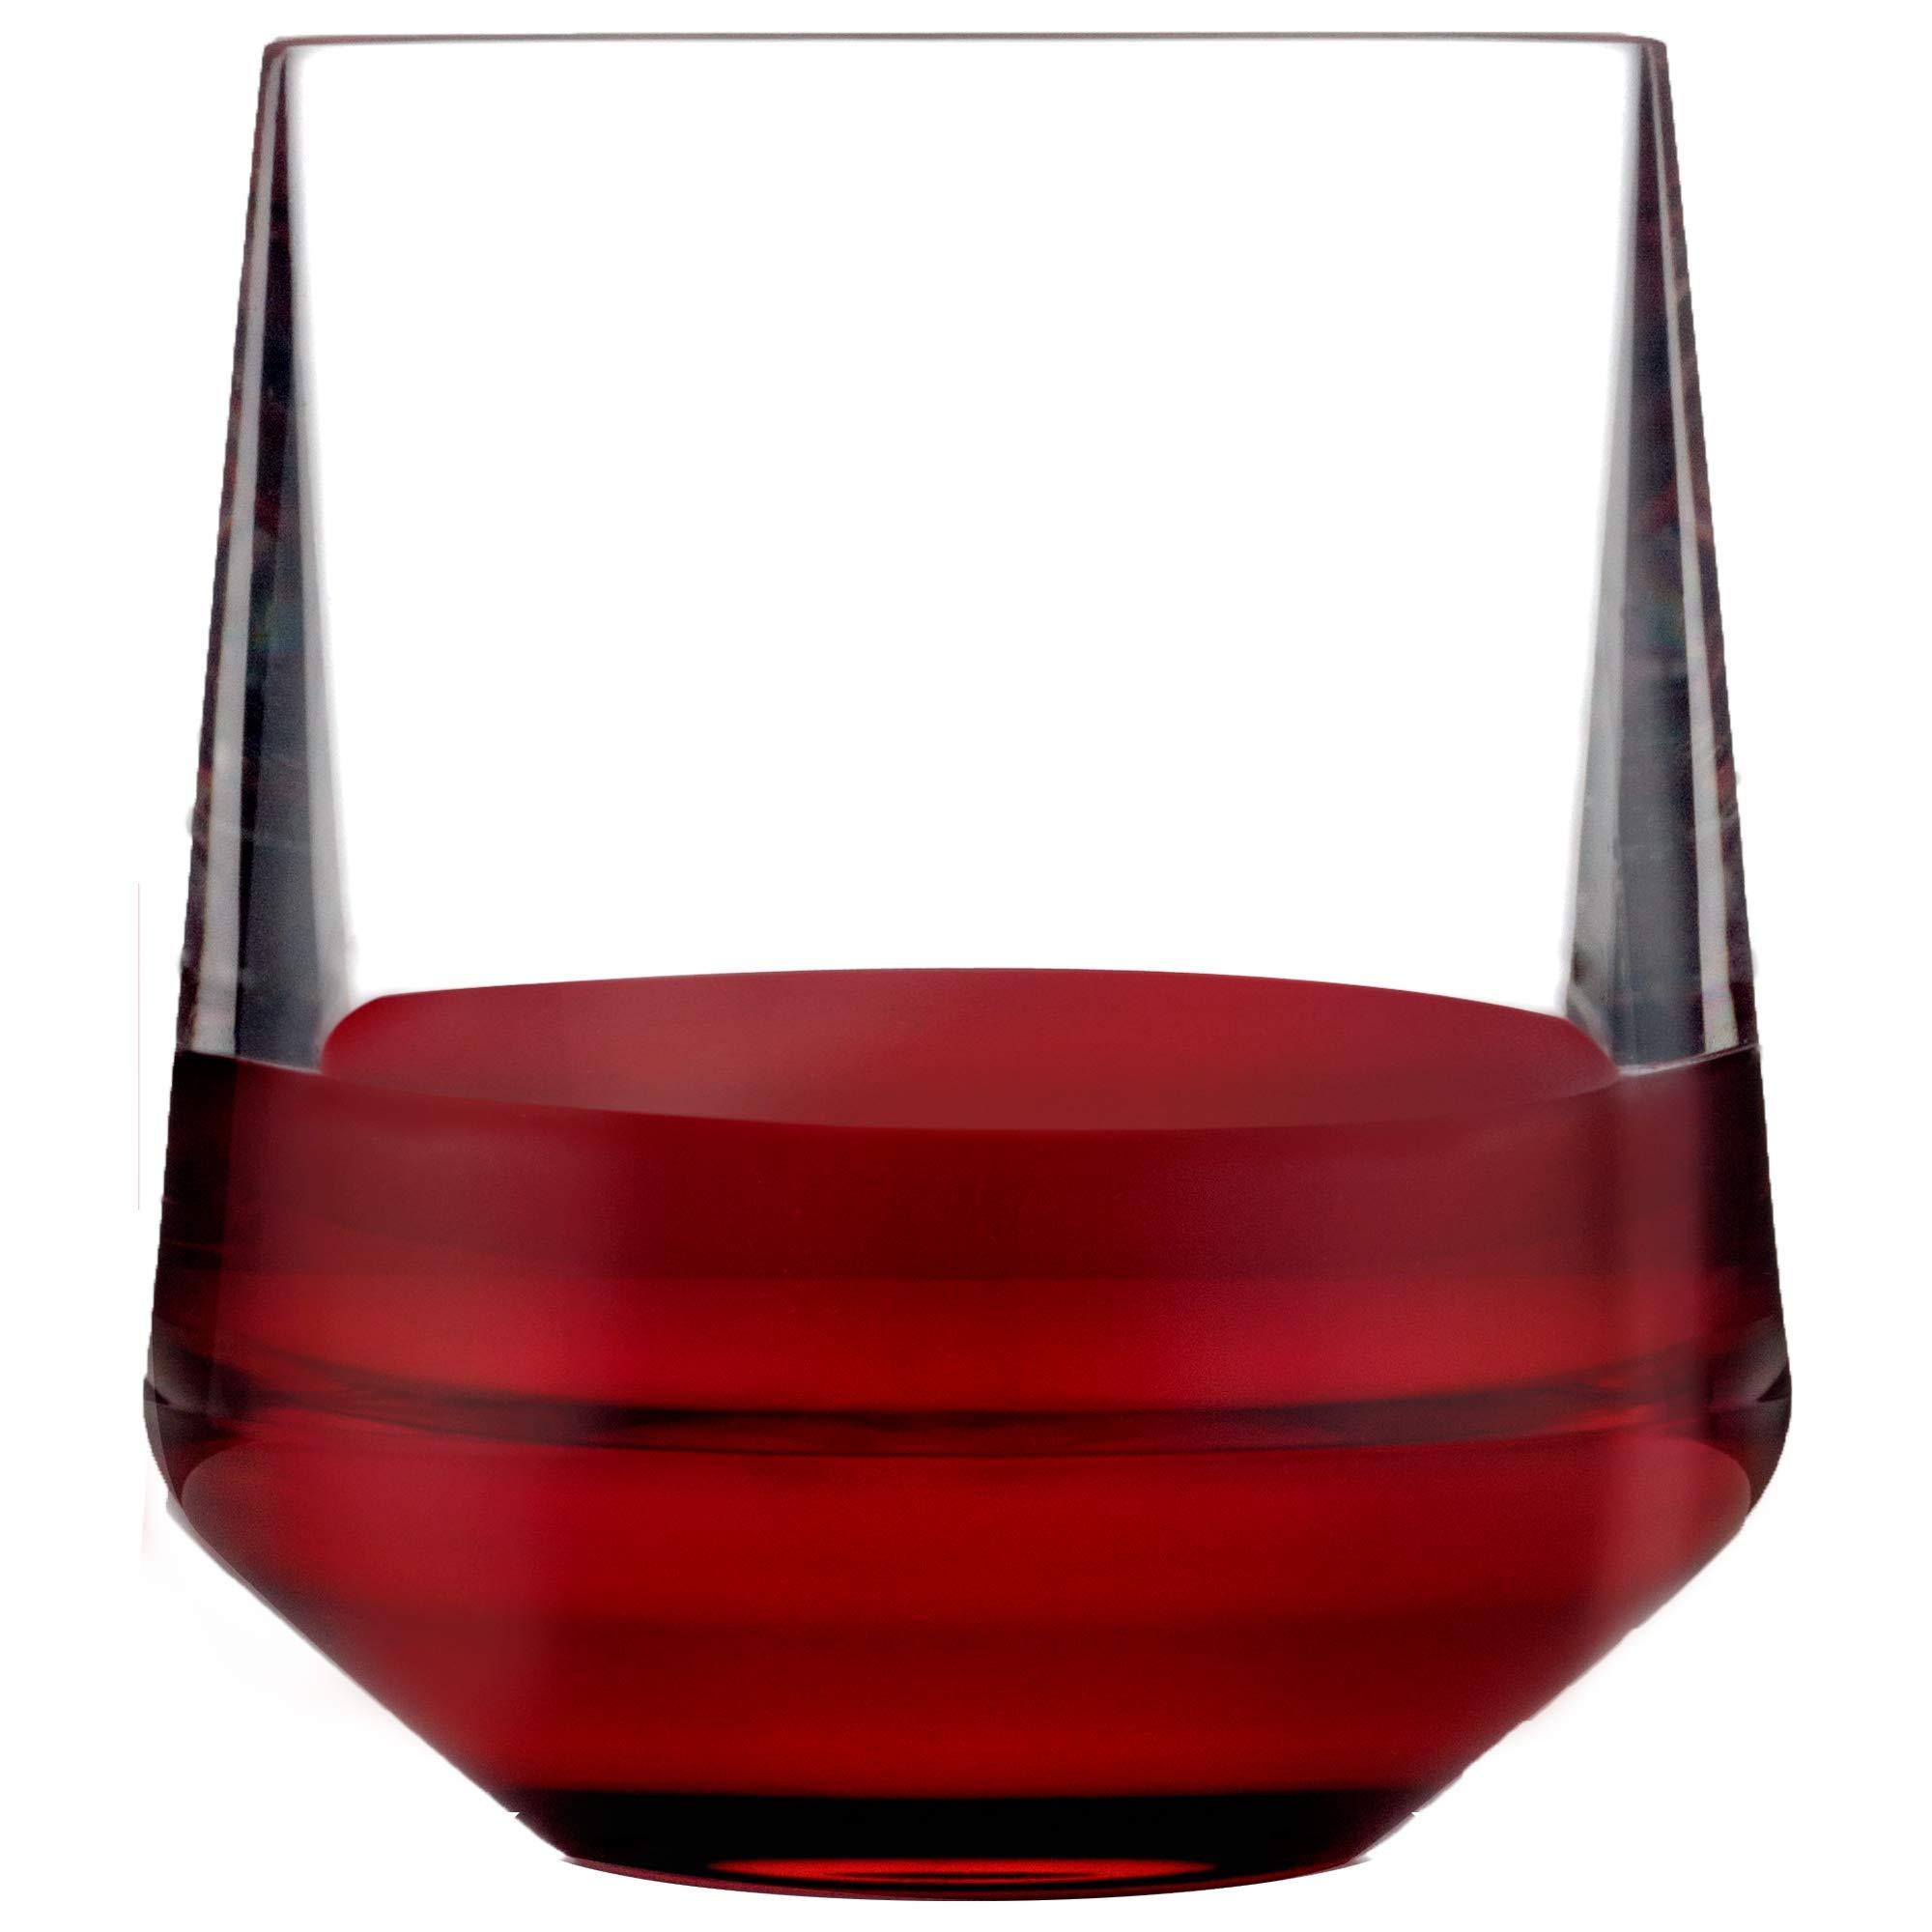 Drinique VIN-SW-CLR-4 Stemless Unbreakable Tritan Wine Glasses, 12 oz (Set of 4), Clear by Drinique (Image #2)